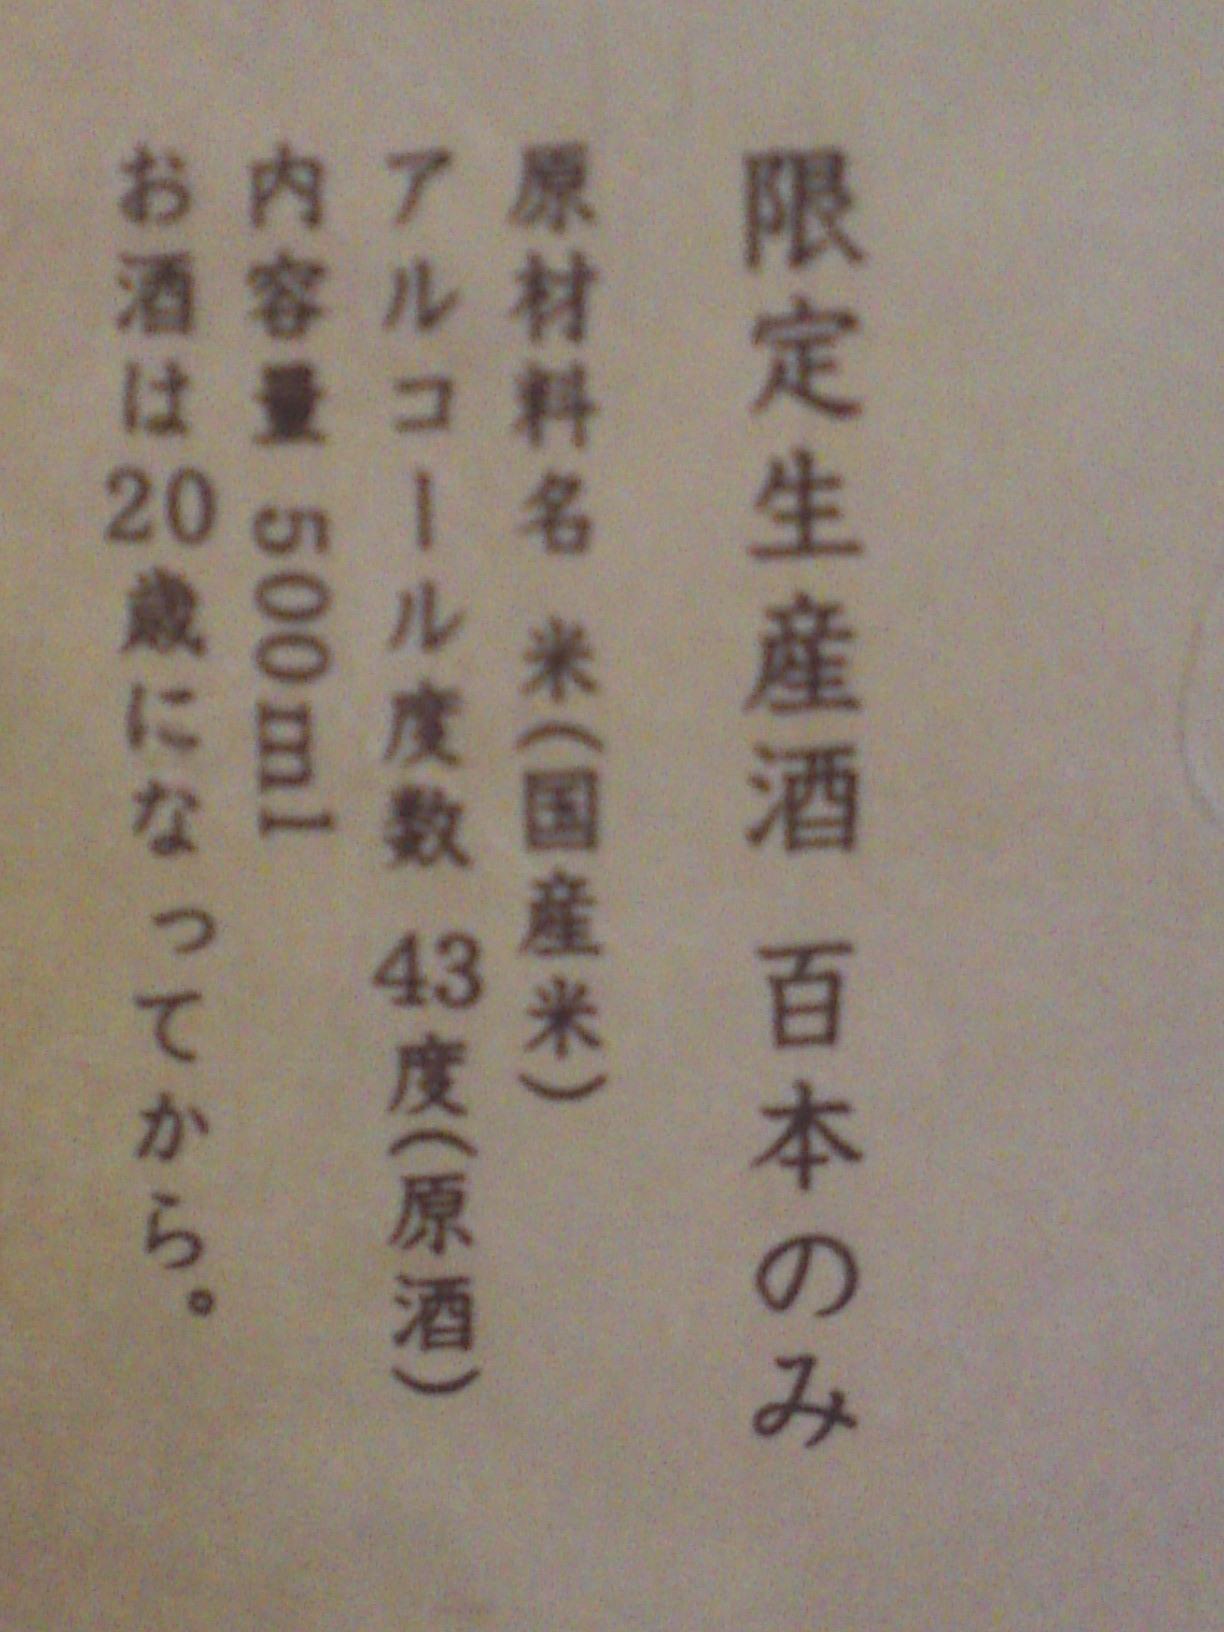 SN3O2890